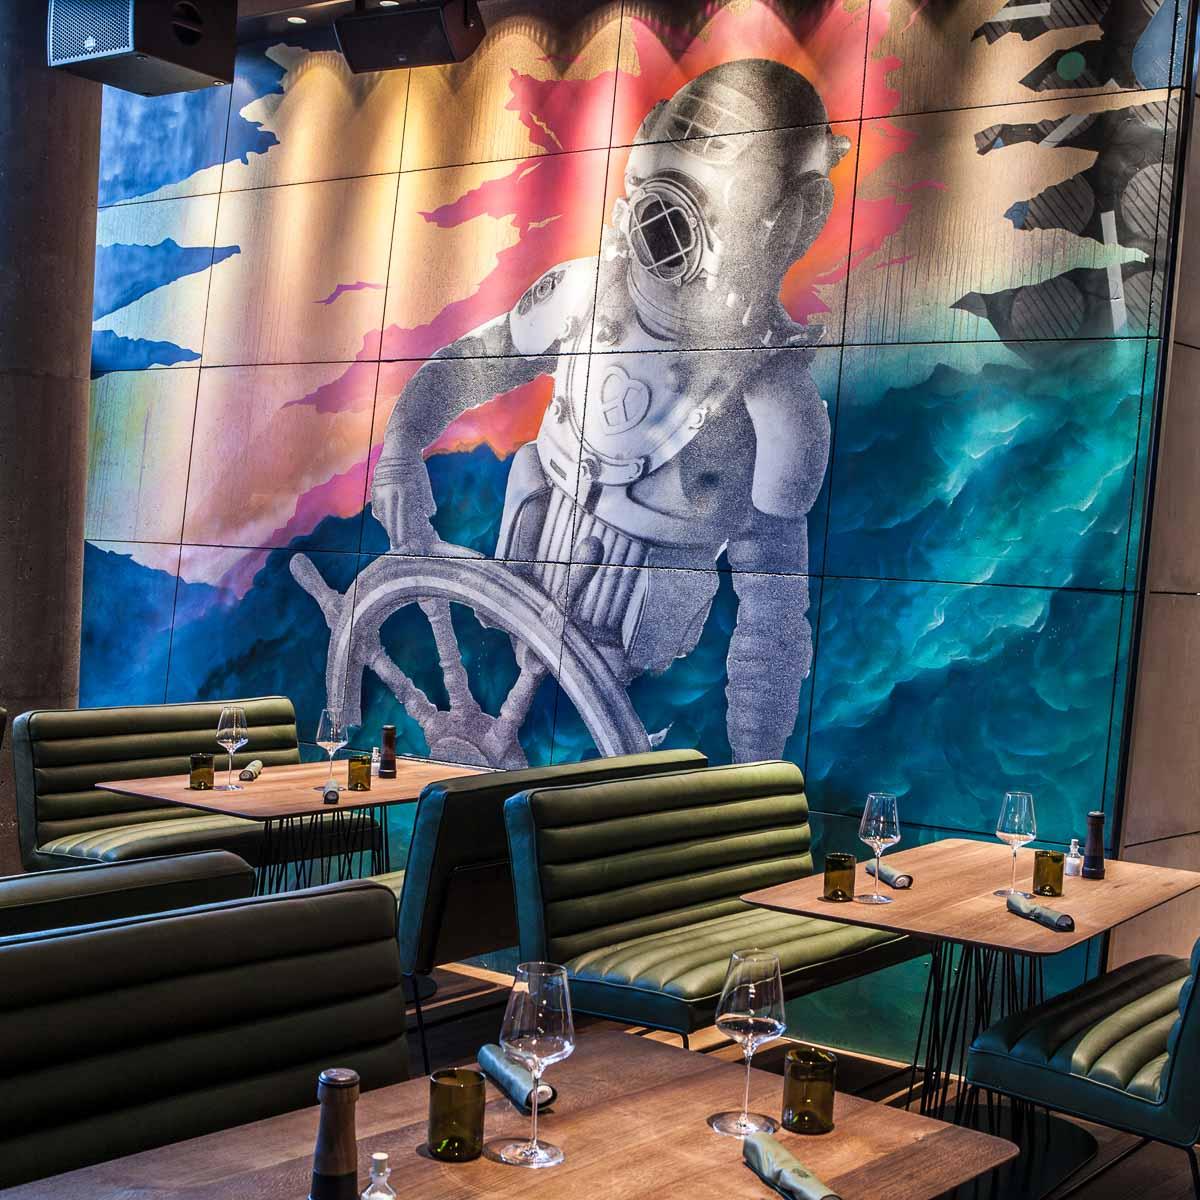 Restaurant Bar Spelunke am Donaukanal Wien © SybilleDremel